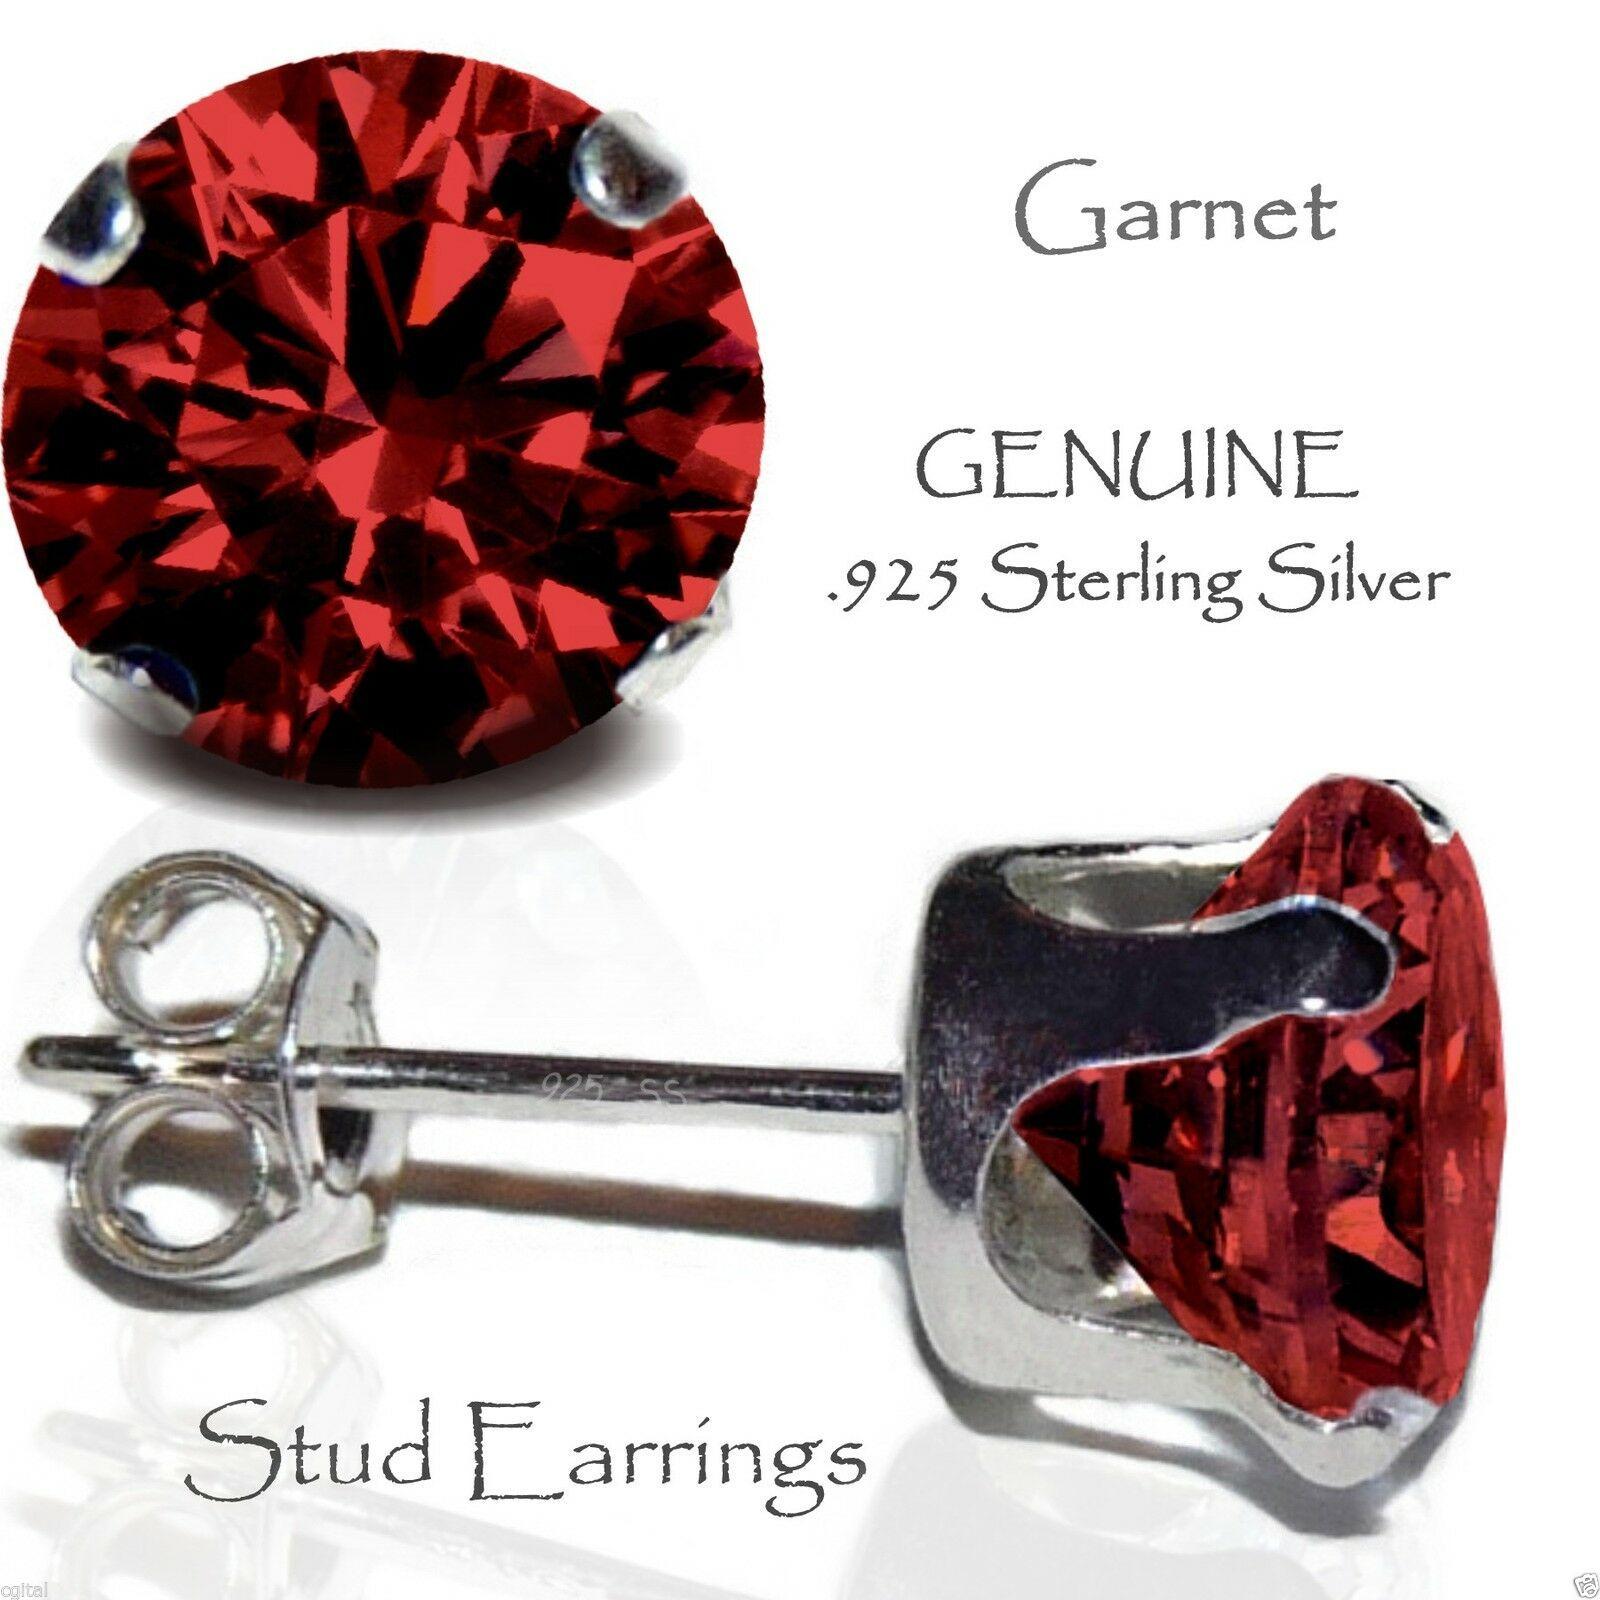 GARNET GEMSTONE STUD EARRINGS 925 Sterling SILVER 8mm Ladies Pair of Ear Studs